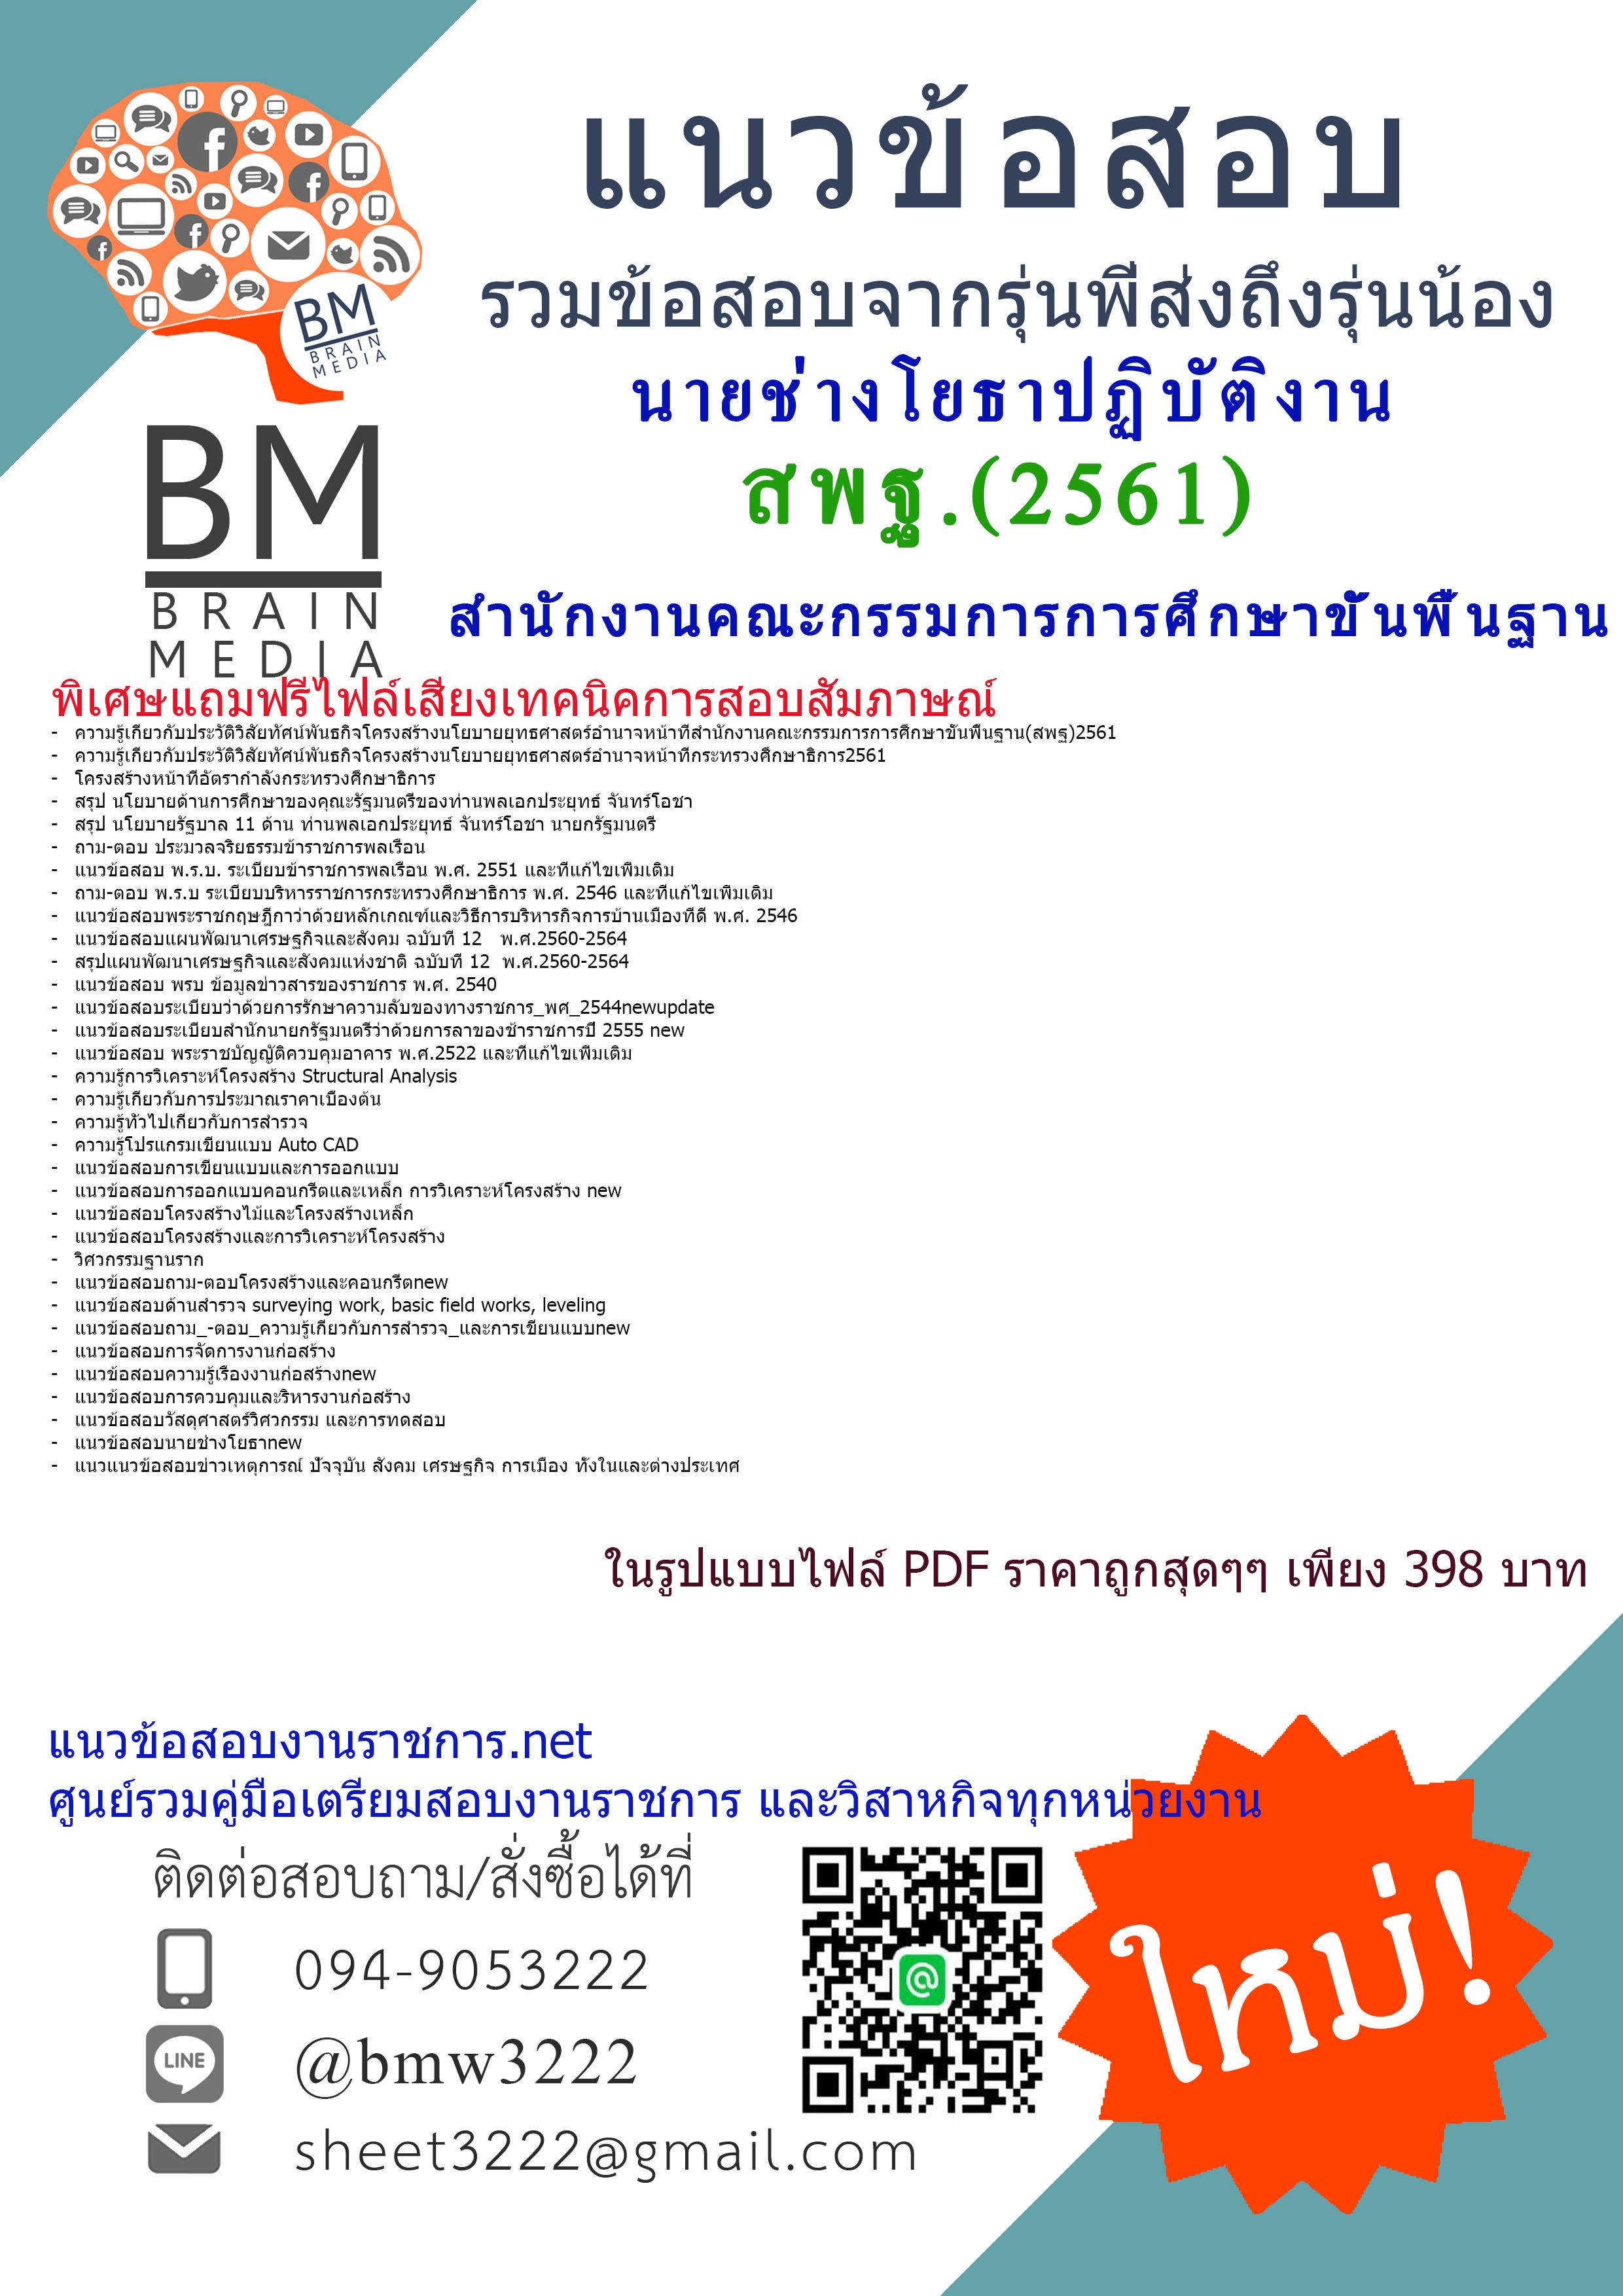 (((updateที่สุด)))แนวข้อสอบนายช่างโยธาปฏิบัติงานสำนักงานคณะกรรมการการศึกษาขั้นพื้นฐาน(สพฐ)2561